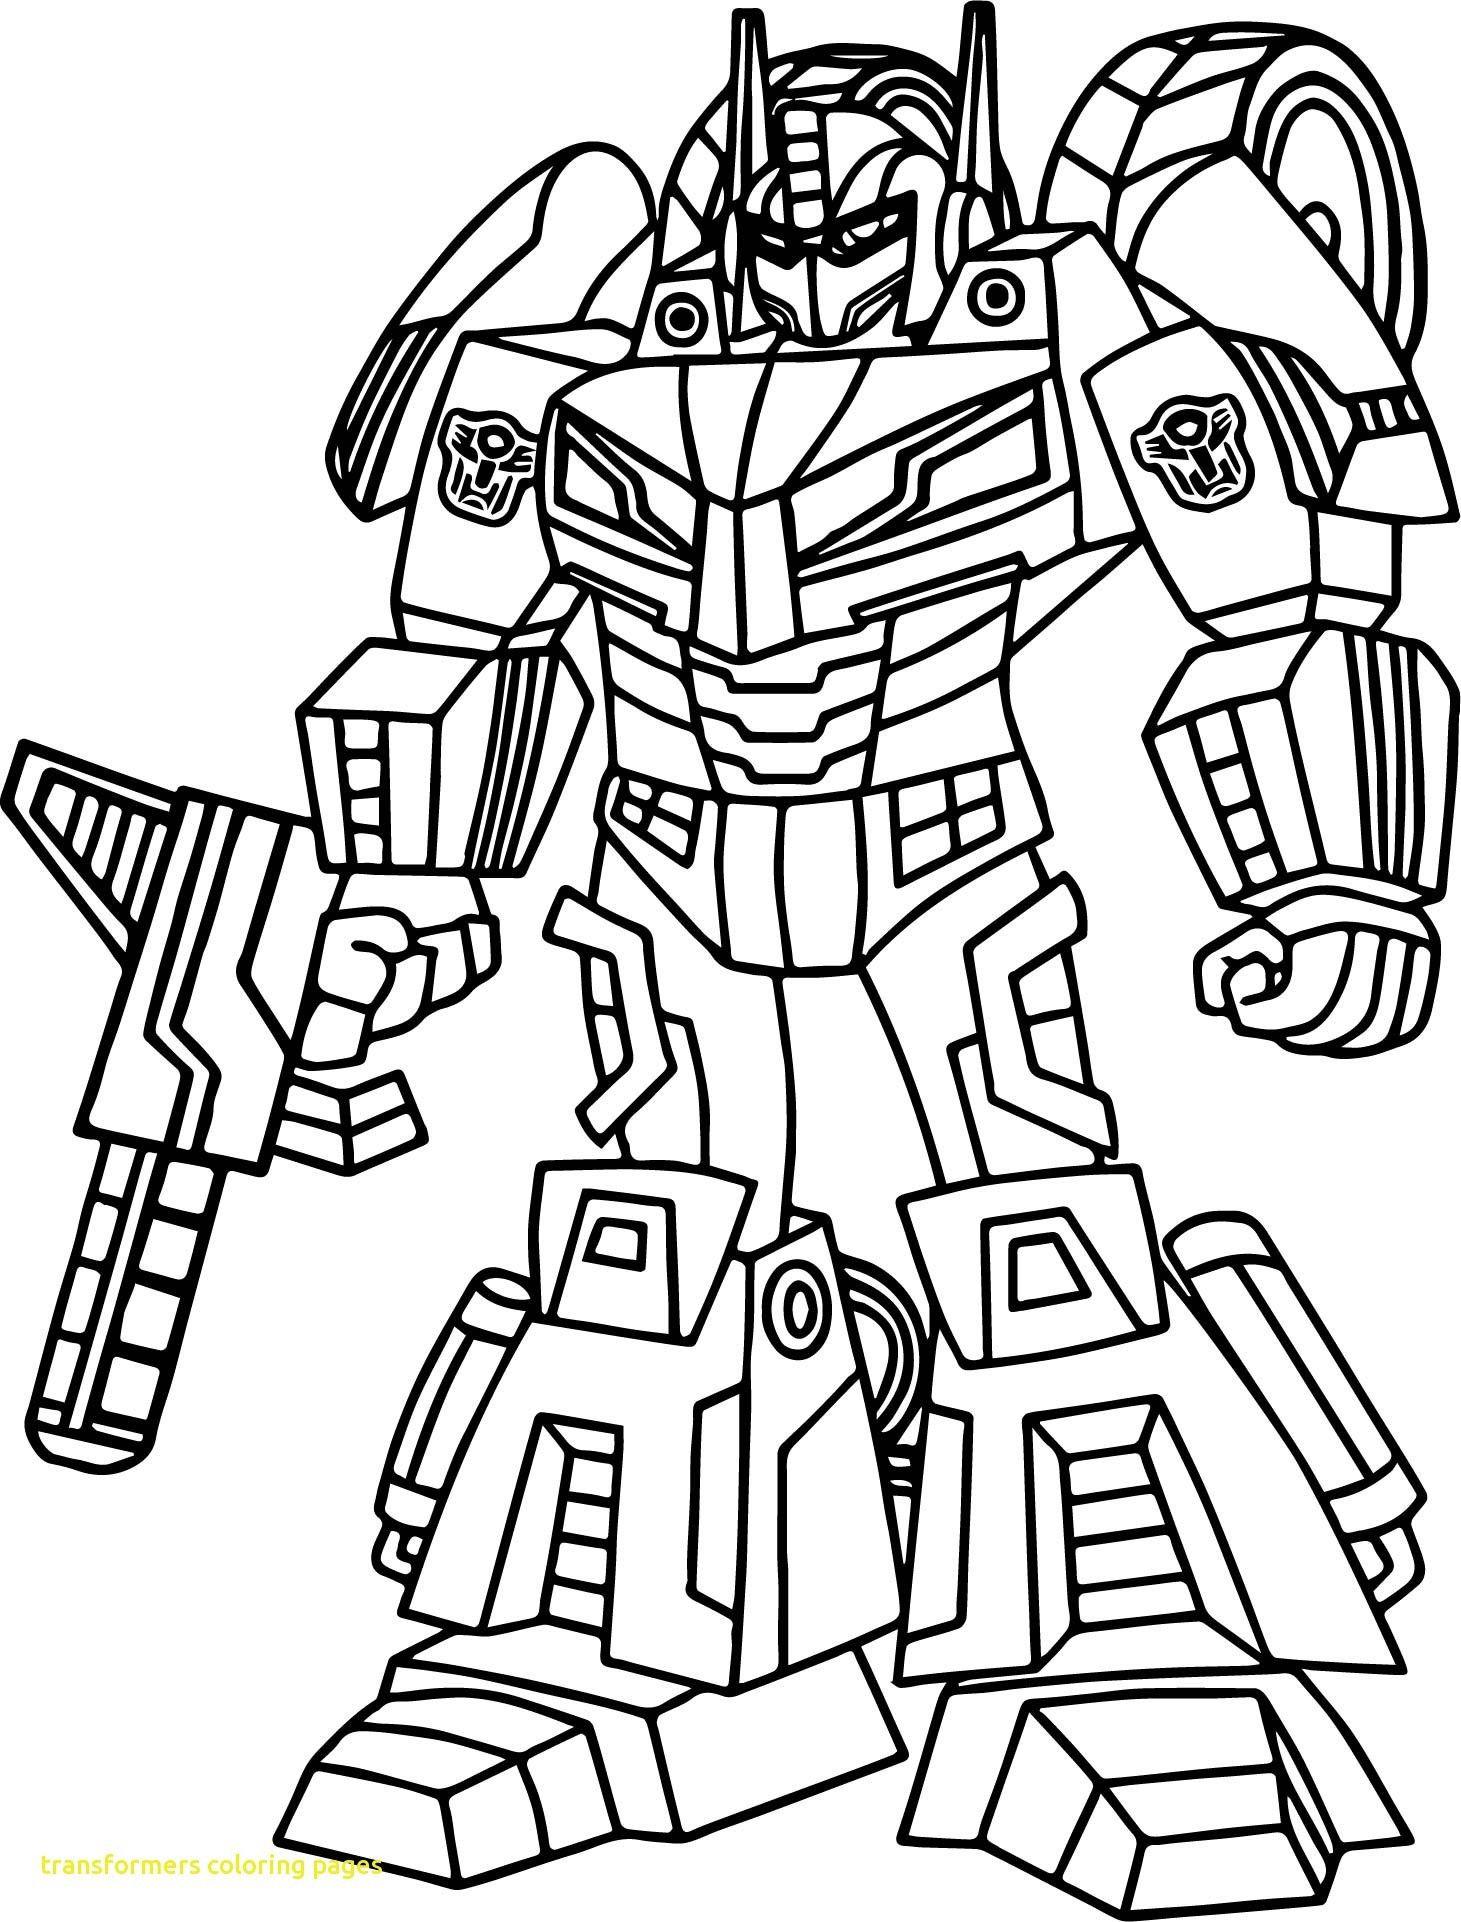 Transformers Da Colorare Nuovo Coloring Pages Transformers Of Transformers Da Colorare Trans Nel 2020 Pagine Da Colorare Per Adulti Libri Da Colorare Pagine Da Colorare